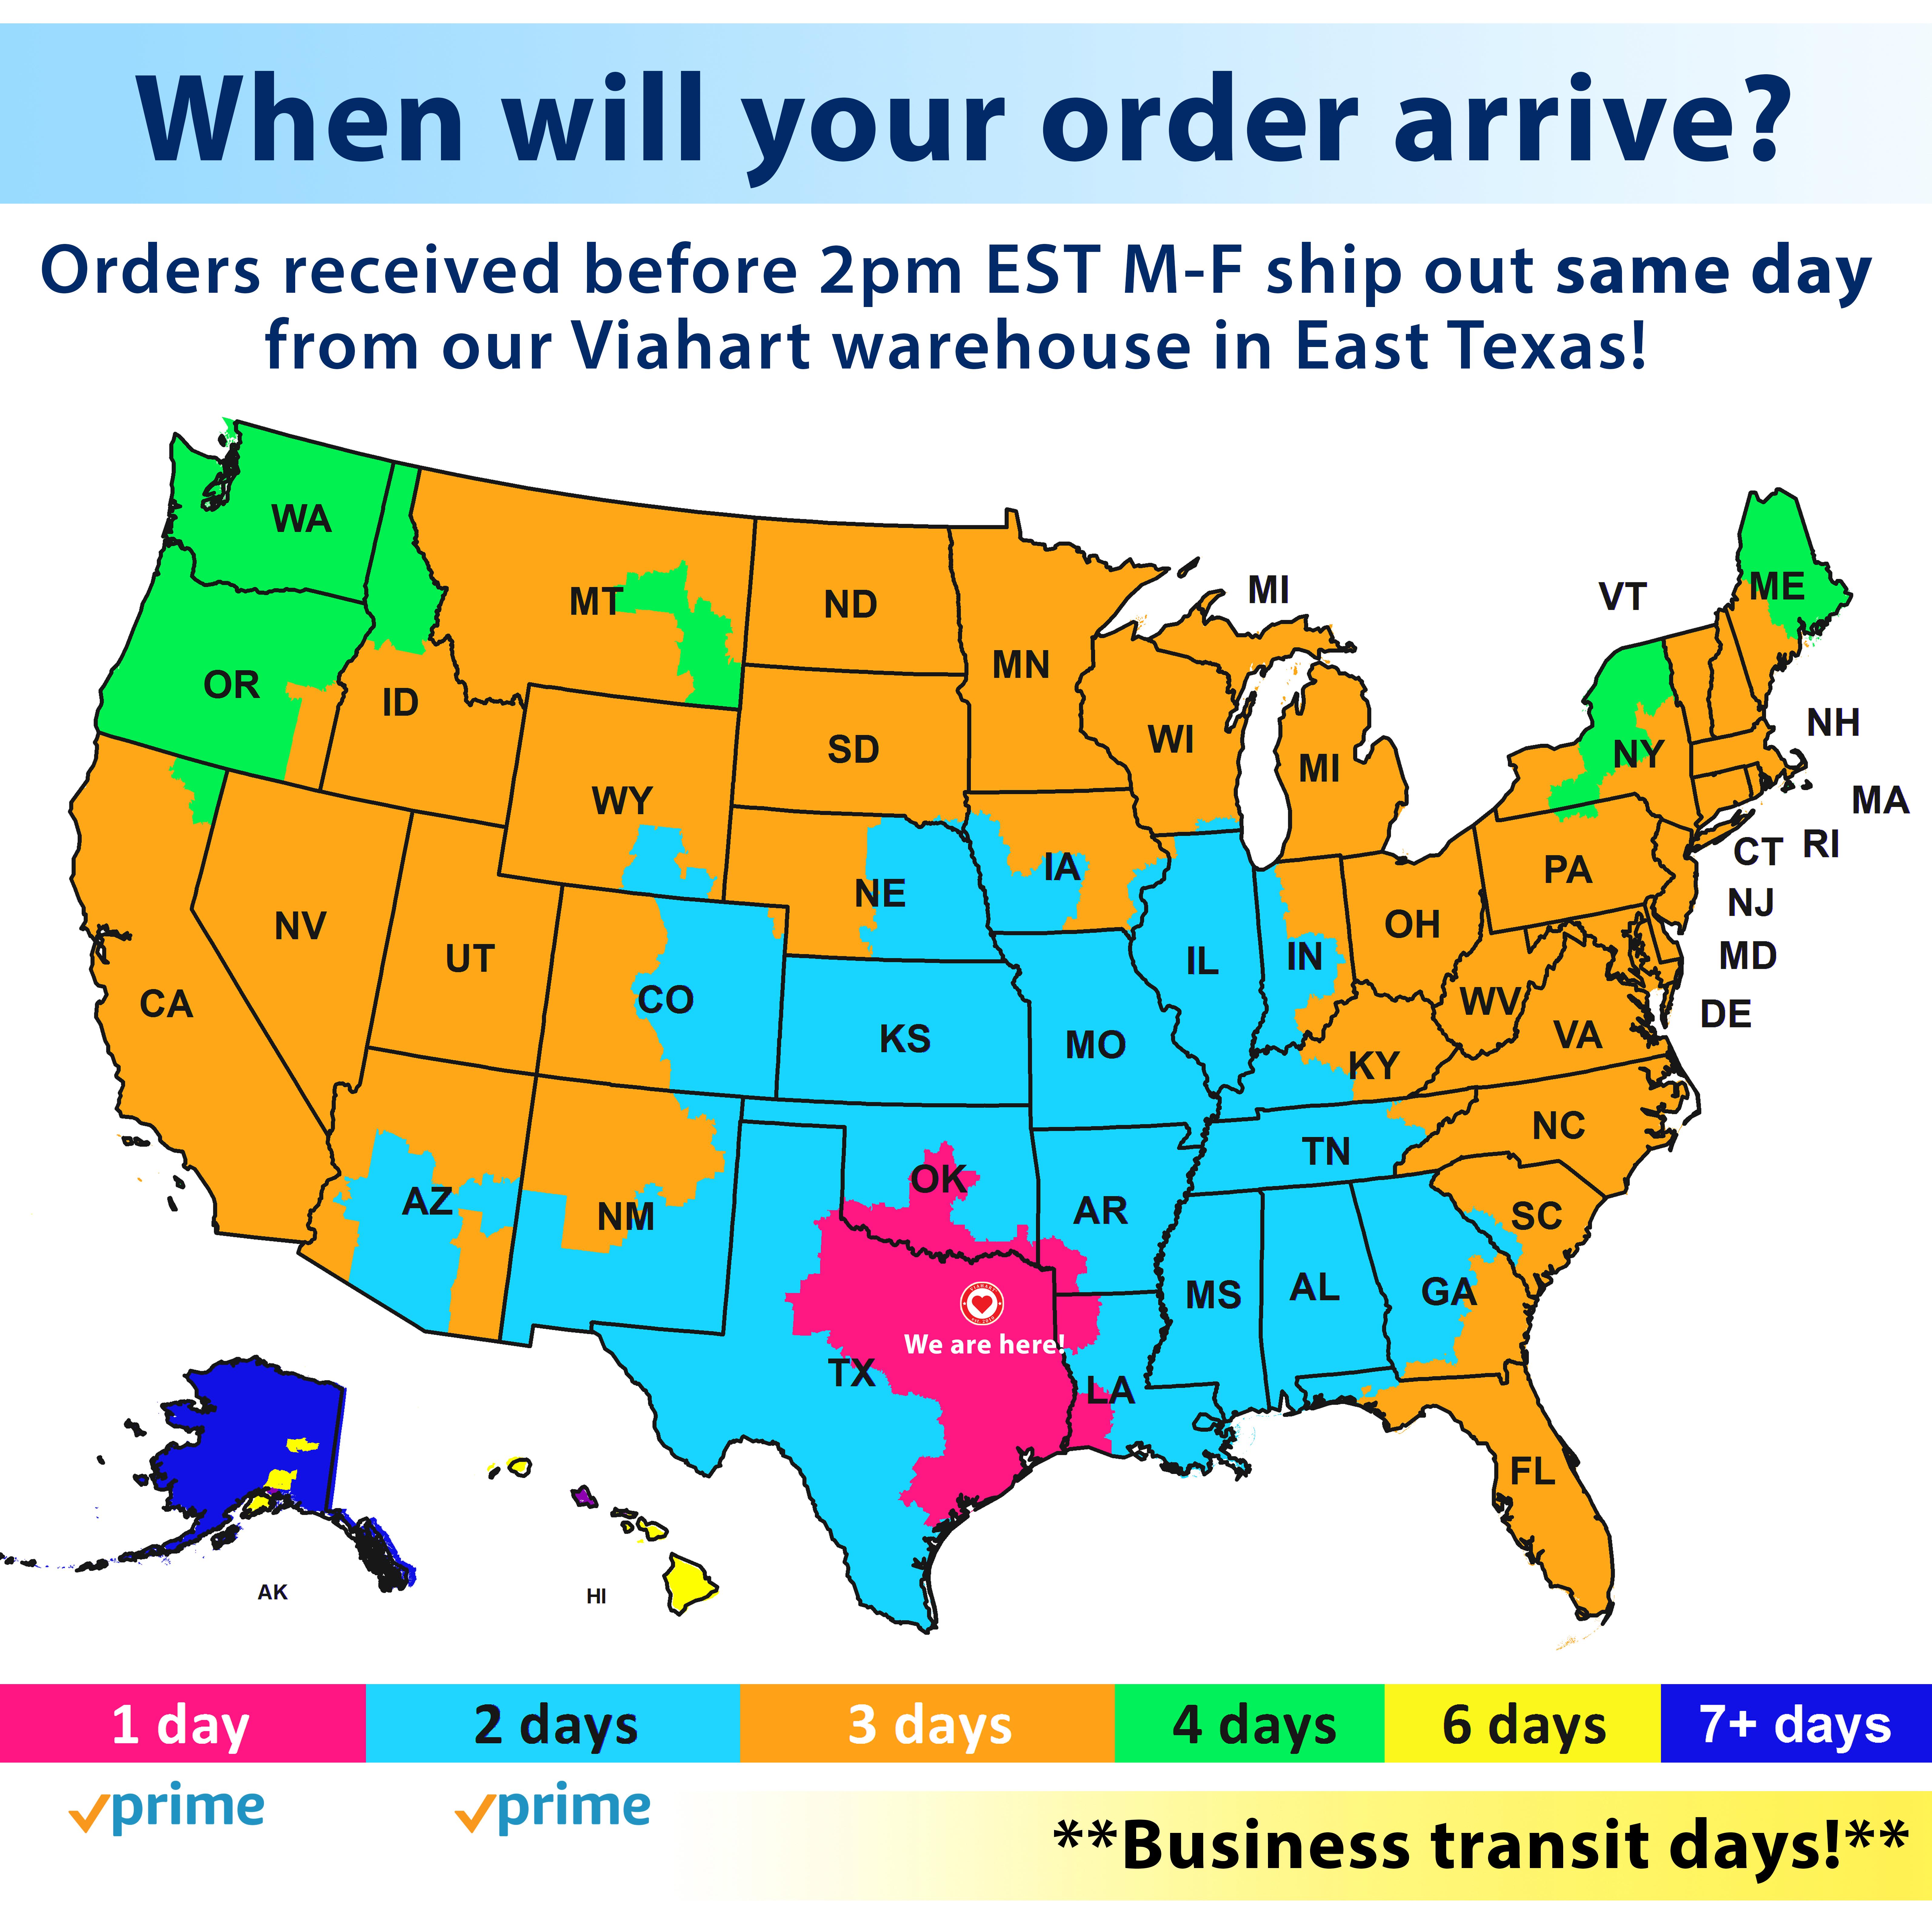 viahart-shipping-map-business-days.jpg